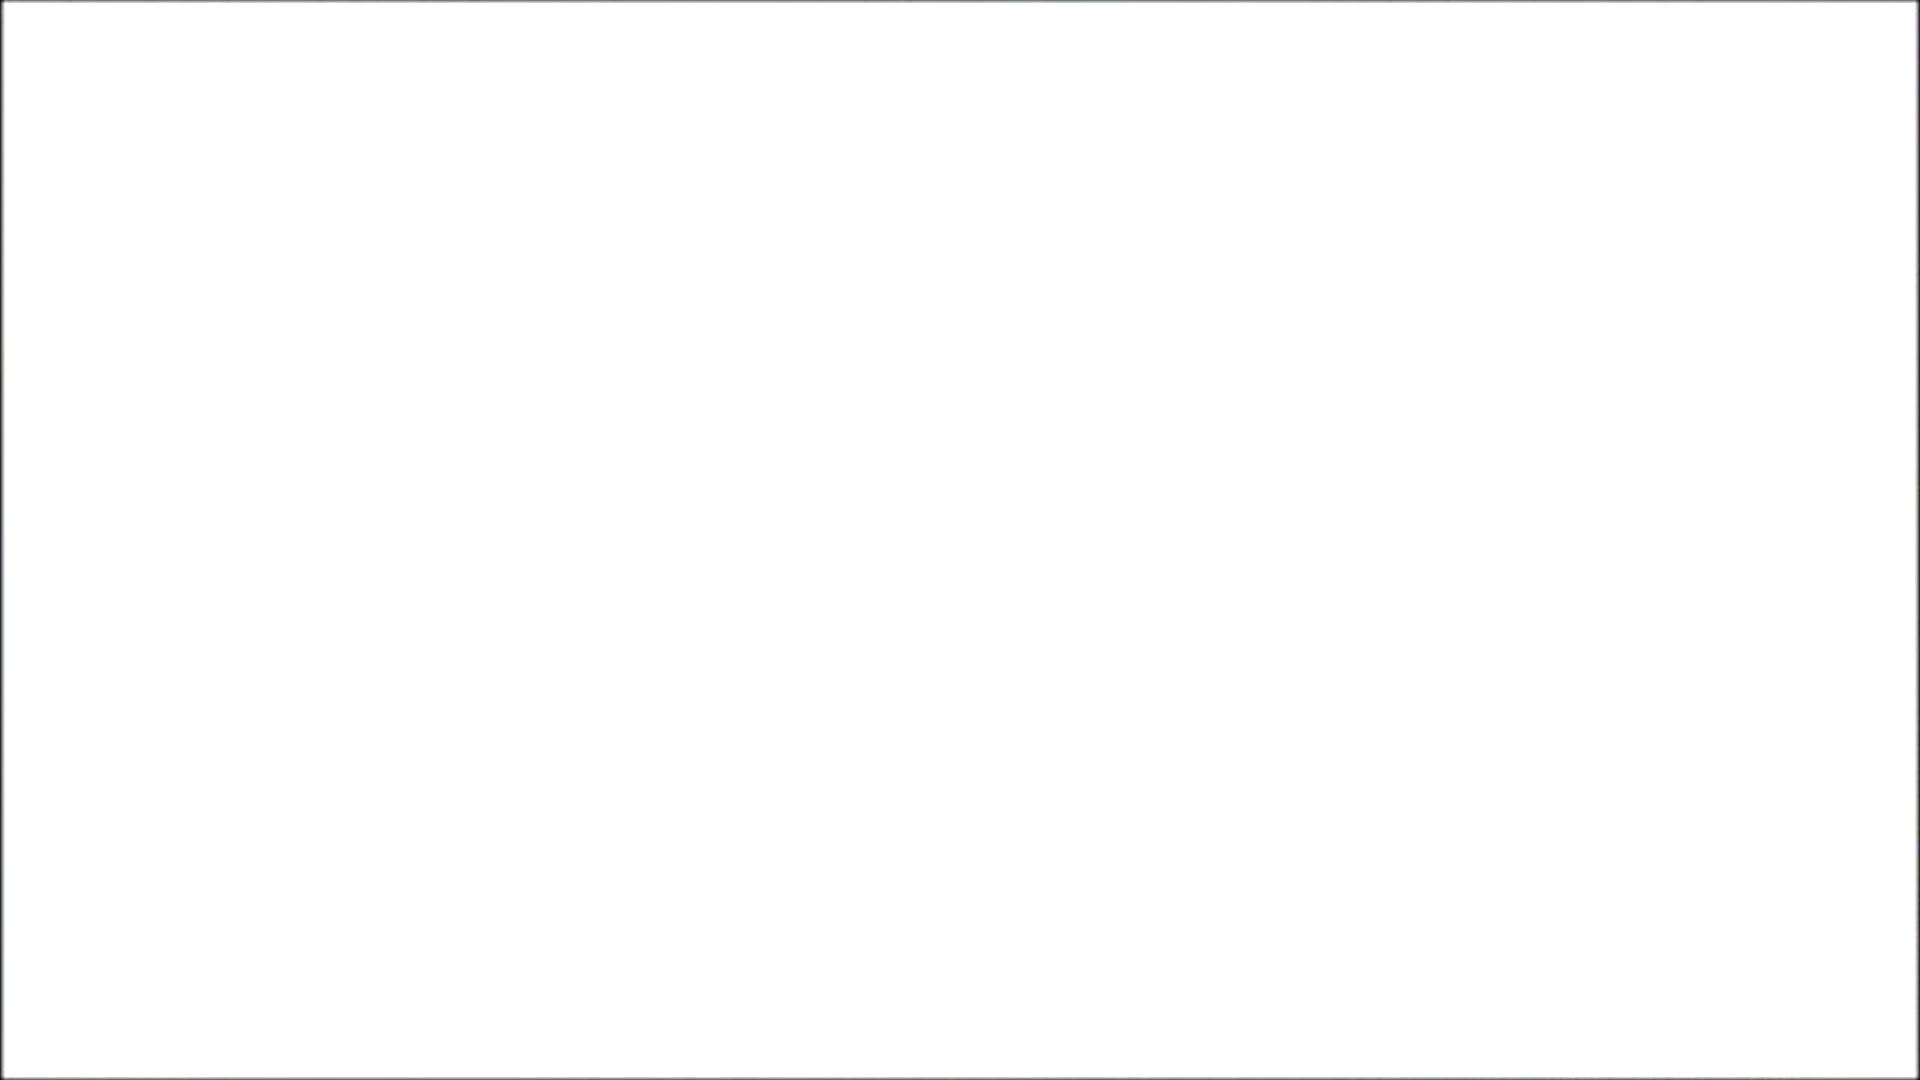 魔術師の お・も・て・な・し vol.03 やわらかおっぱいさん おっぱい すけべAV動画紹介 78pic 23